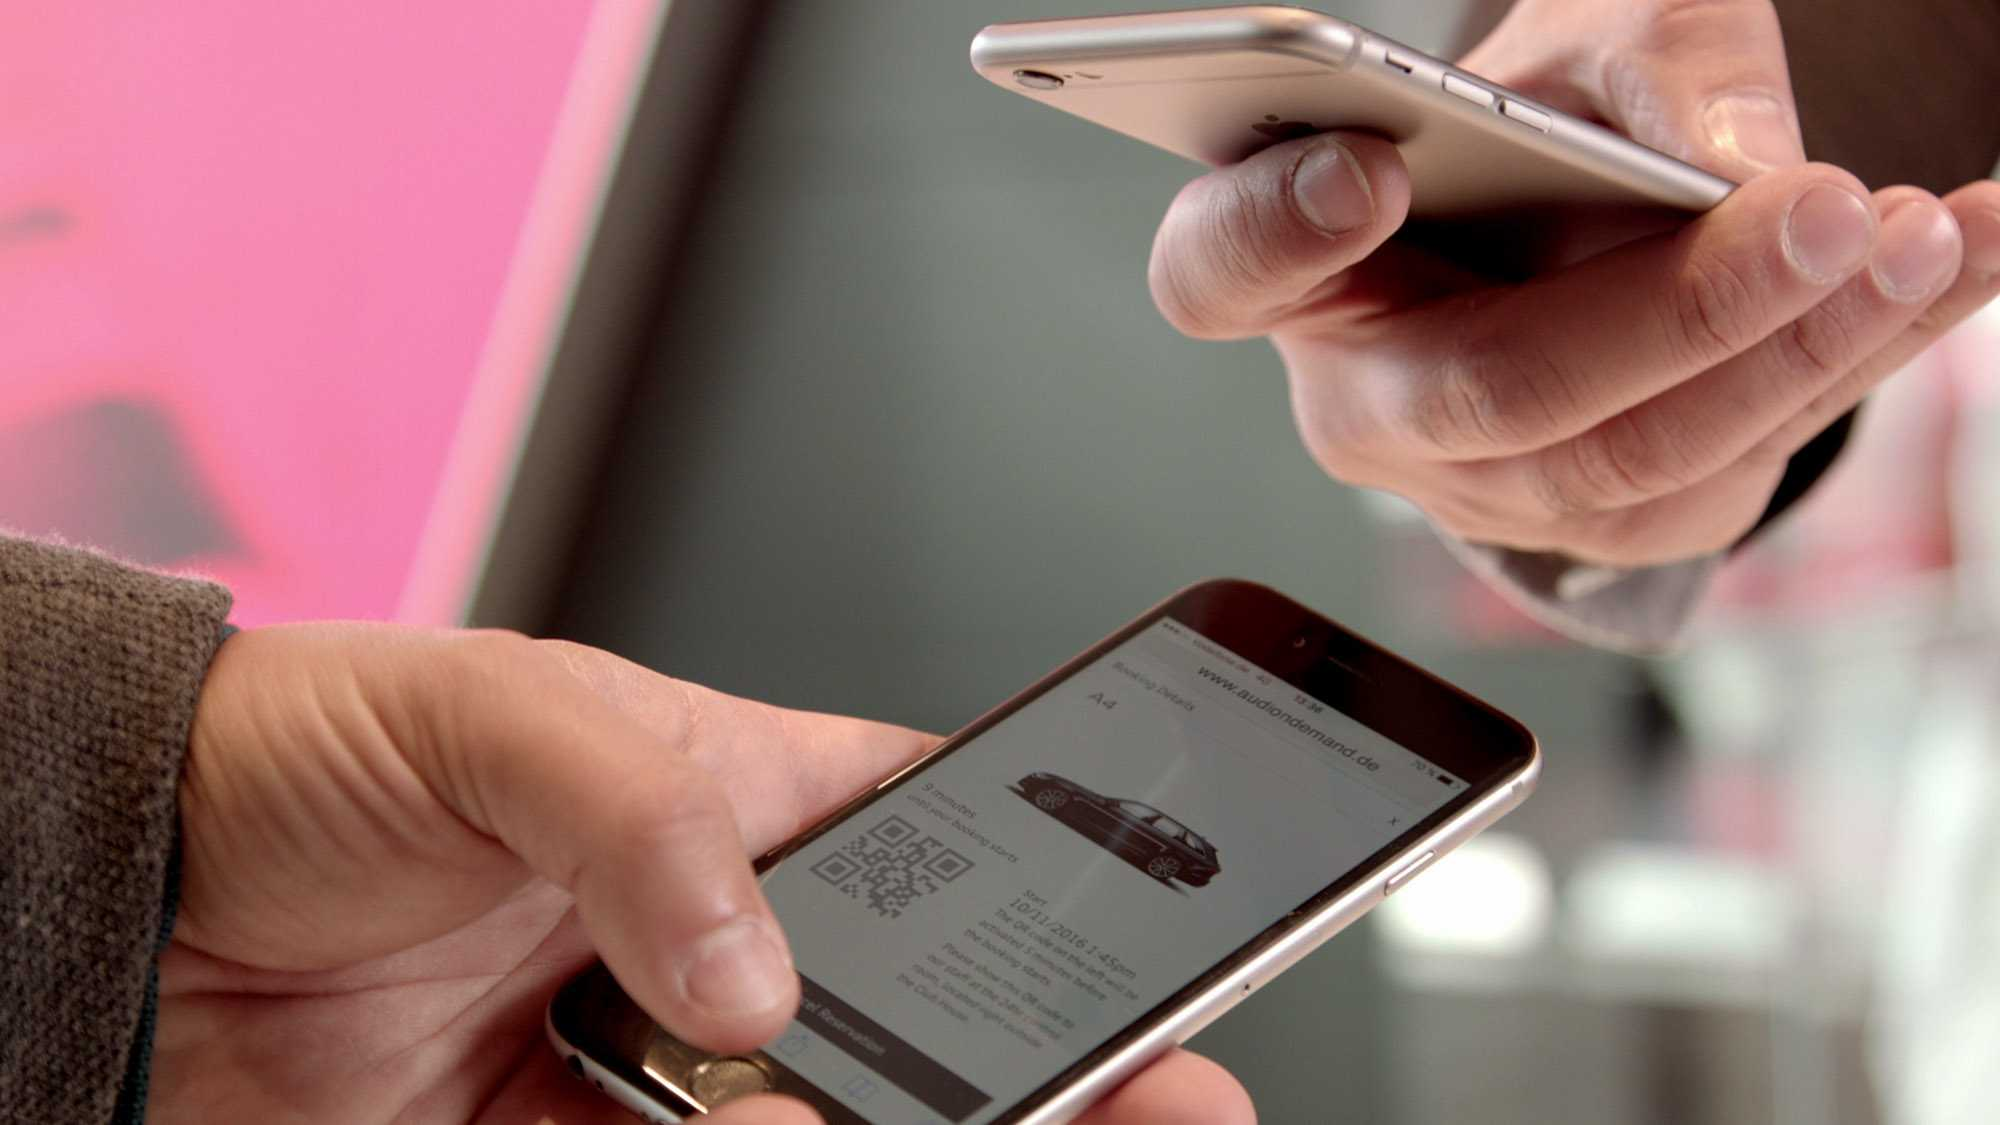 Das Bild zeigt zwei Handys die in Händen gehalten werden. Das untere Handy zeigt eine Homepage von Audi. Auf dieser sieht man einen Audi. Von dem anderen Handy ist nur die Rückseite zu erkennen. Das Bild dient als Sliderbild für den Portfolioeintrag Audi on demand – Launchfilm von Panda Pictures.